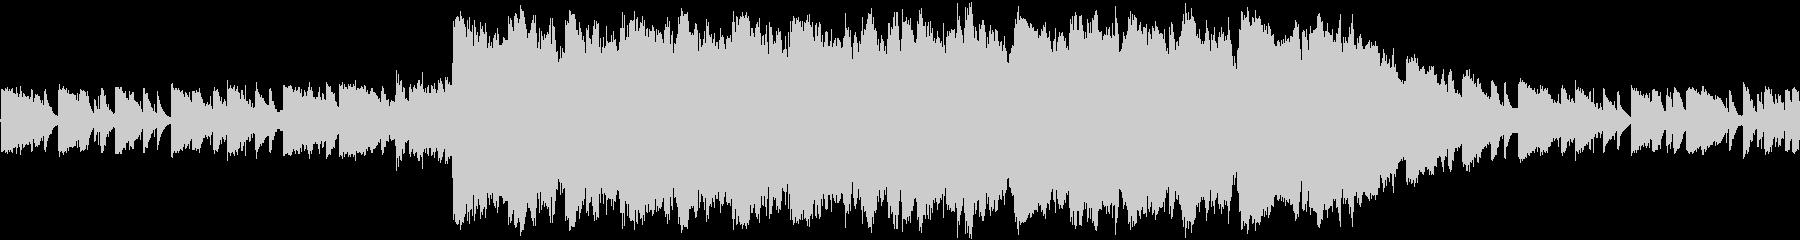 ケルト系 短いケルト調の曲の未再生の波形